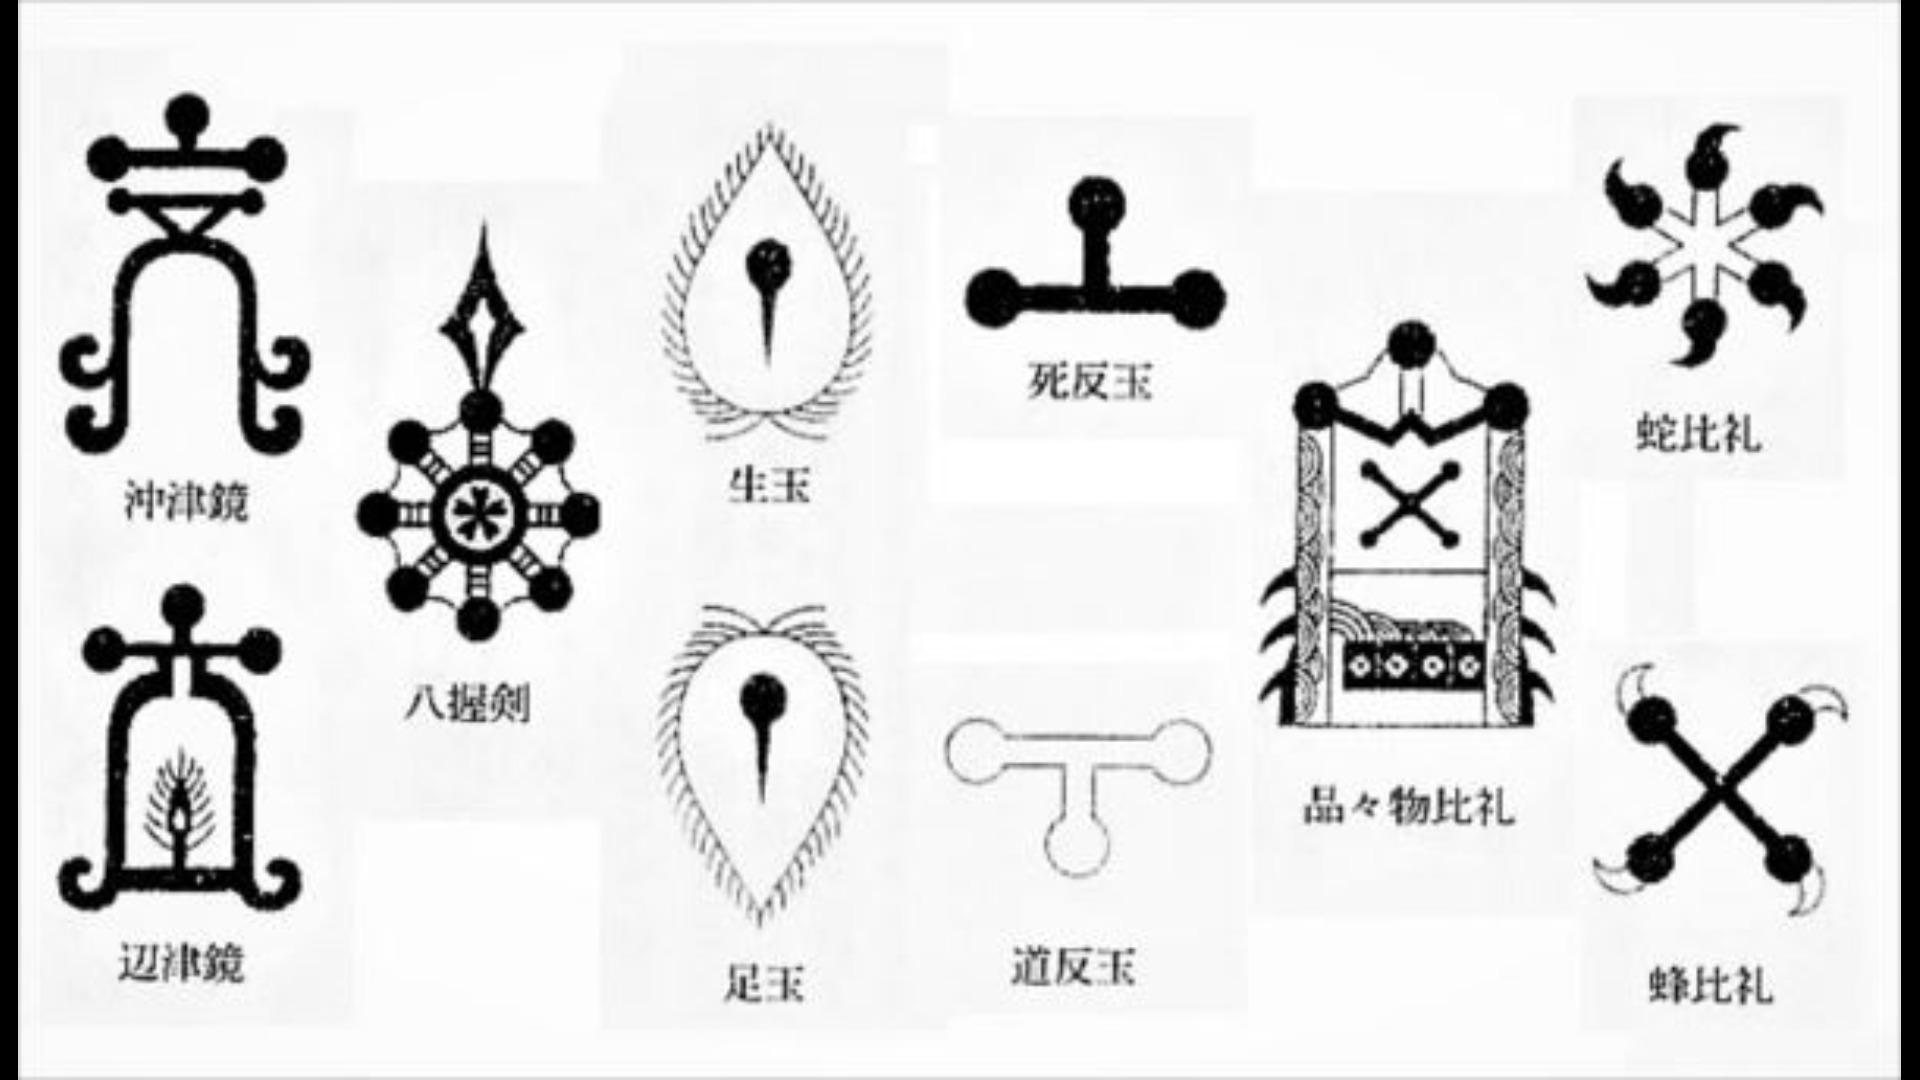 21.3.31 【呪術編】第1回 祓い